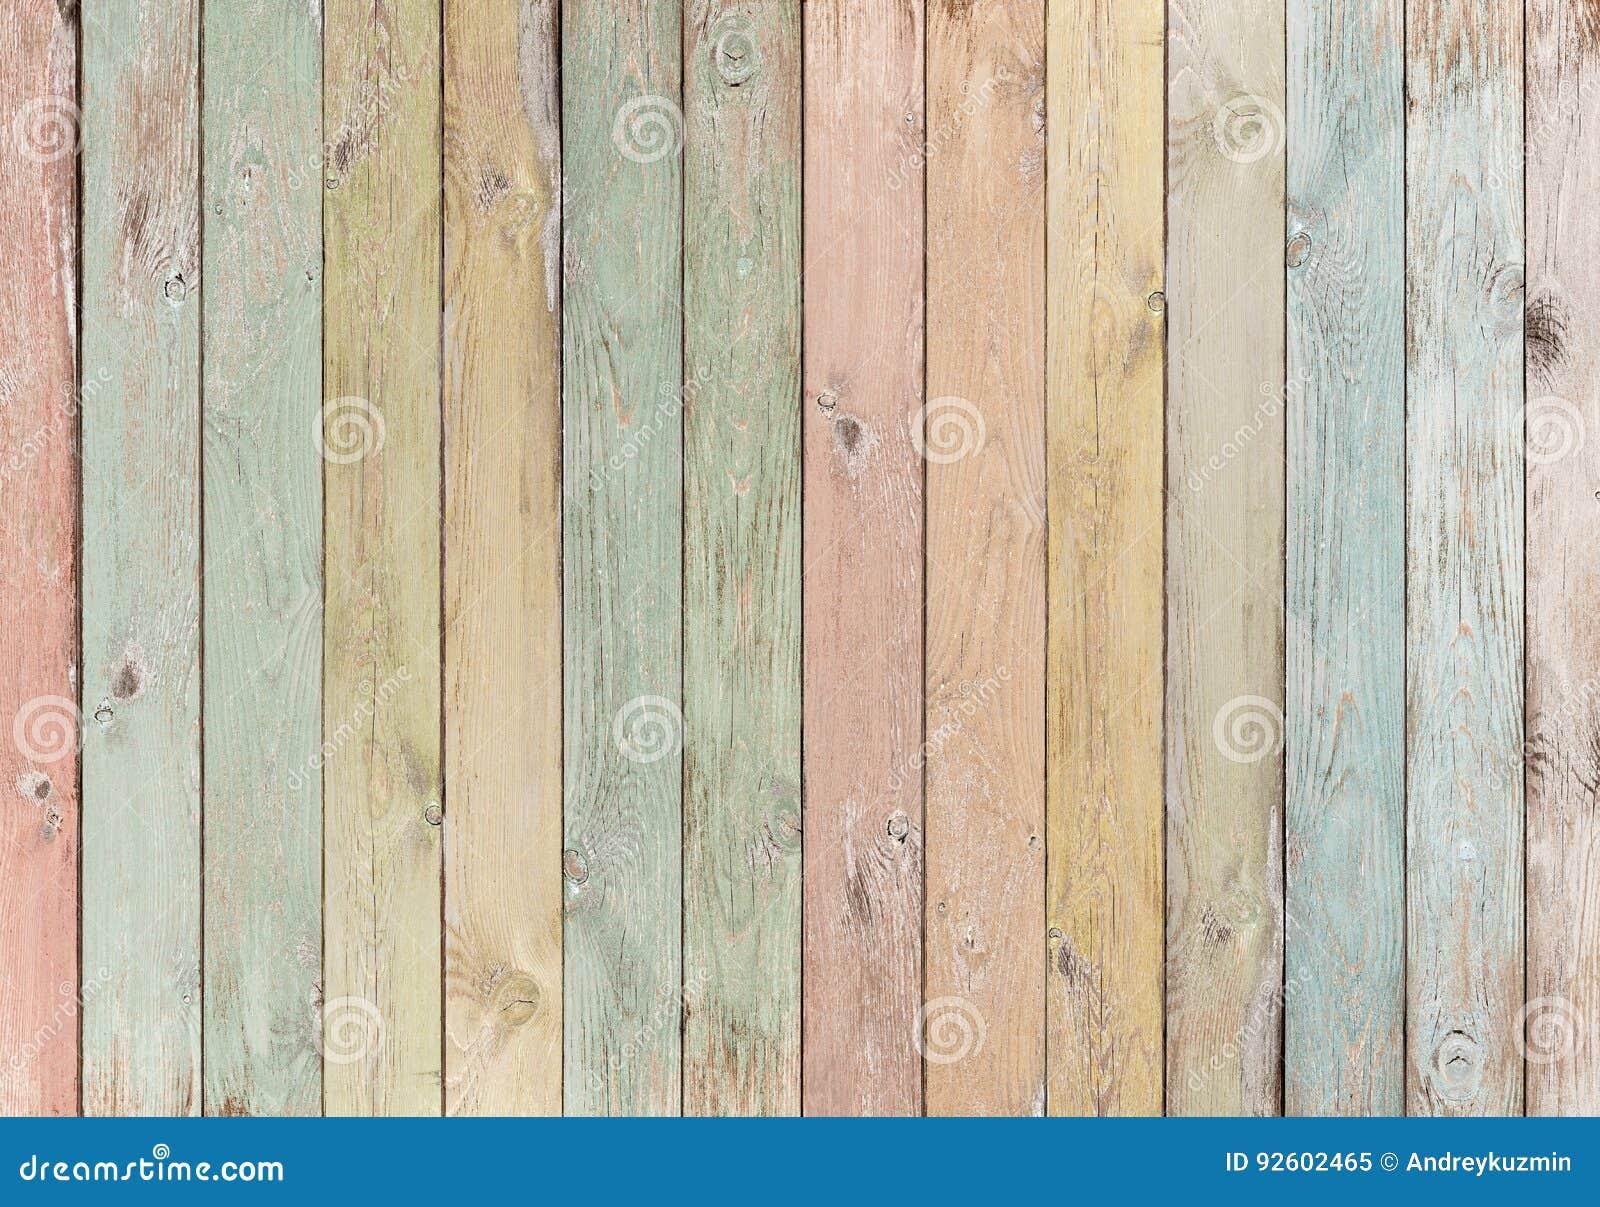 Texturas De Colores Pastel: Fondo O Textura En Colores Pastel Coloreado Tablones De